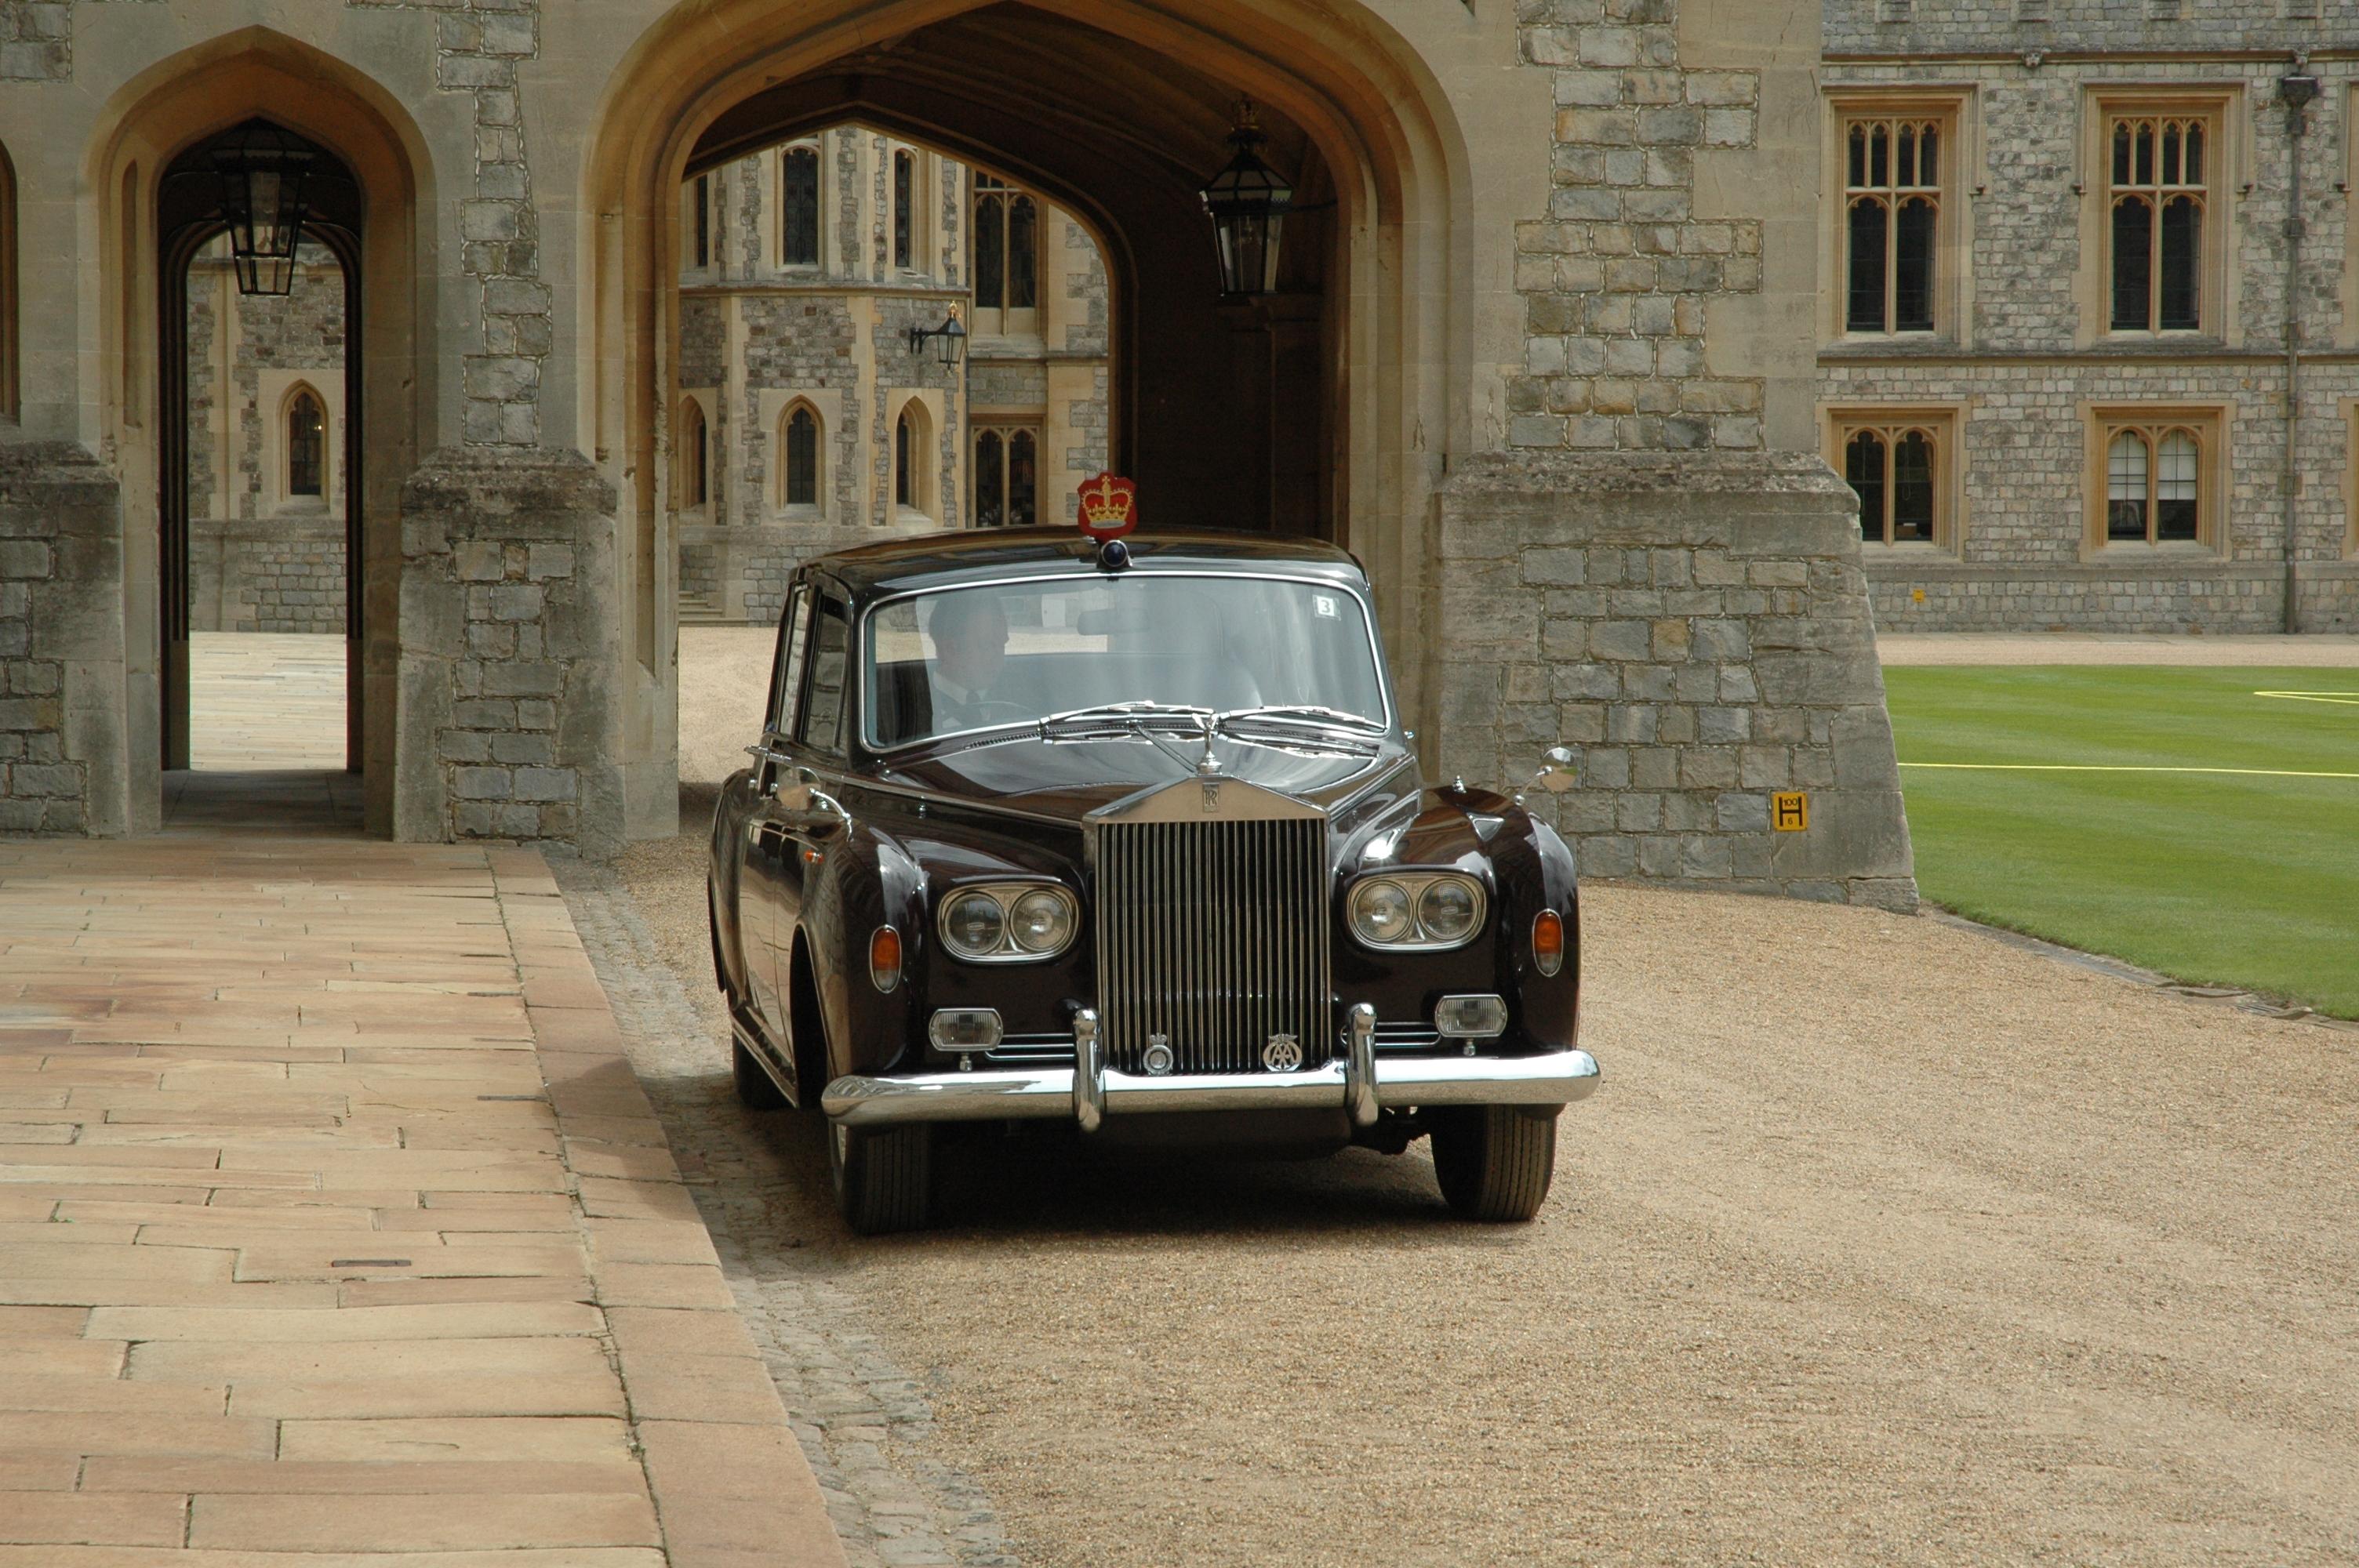 File:Rolls-Royce Phantom VI 2009 State Limousine Windsor Castle.jpg ...